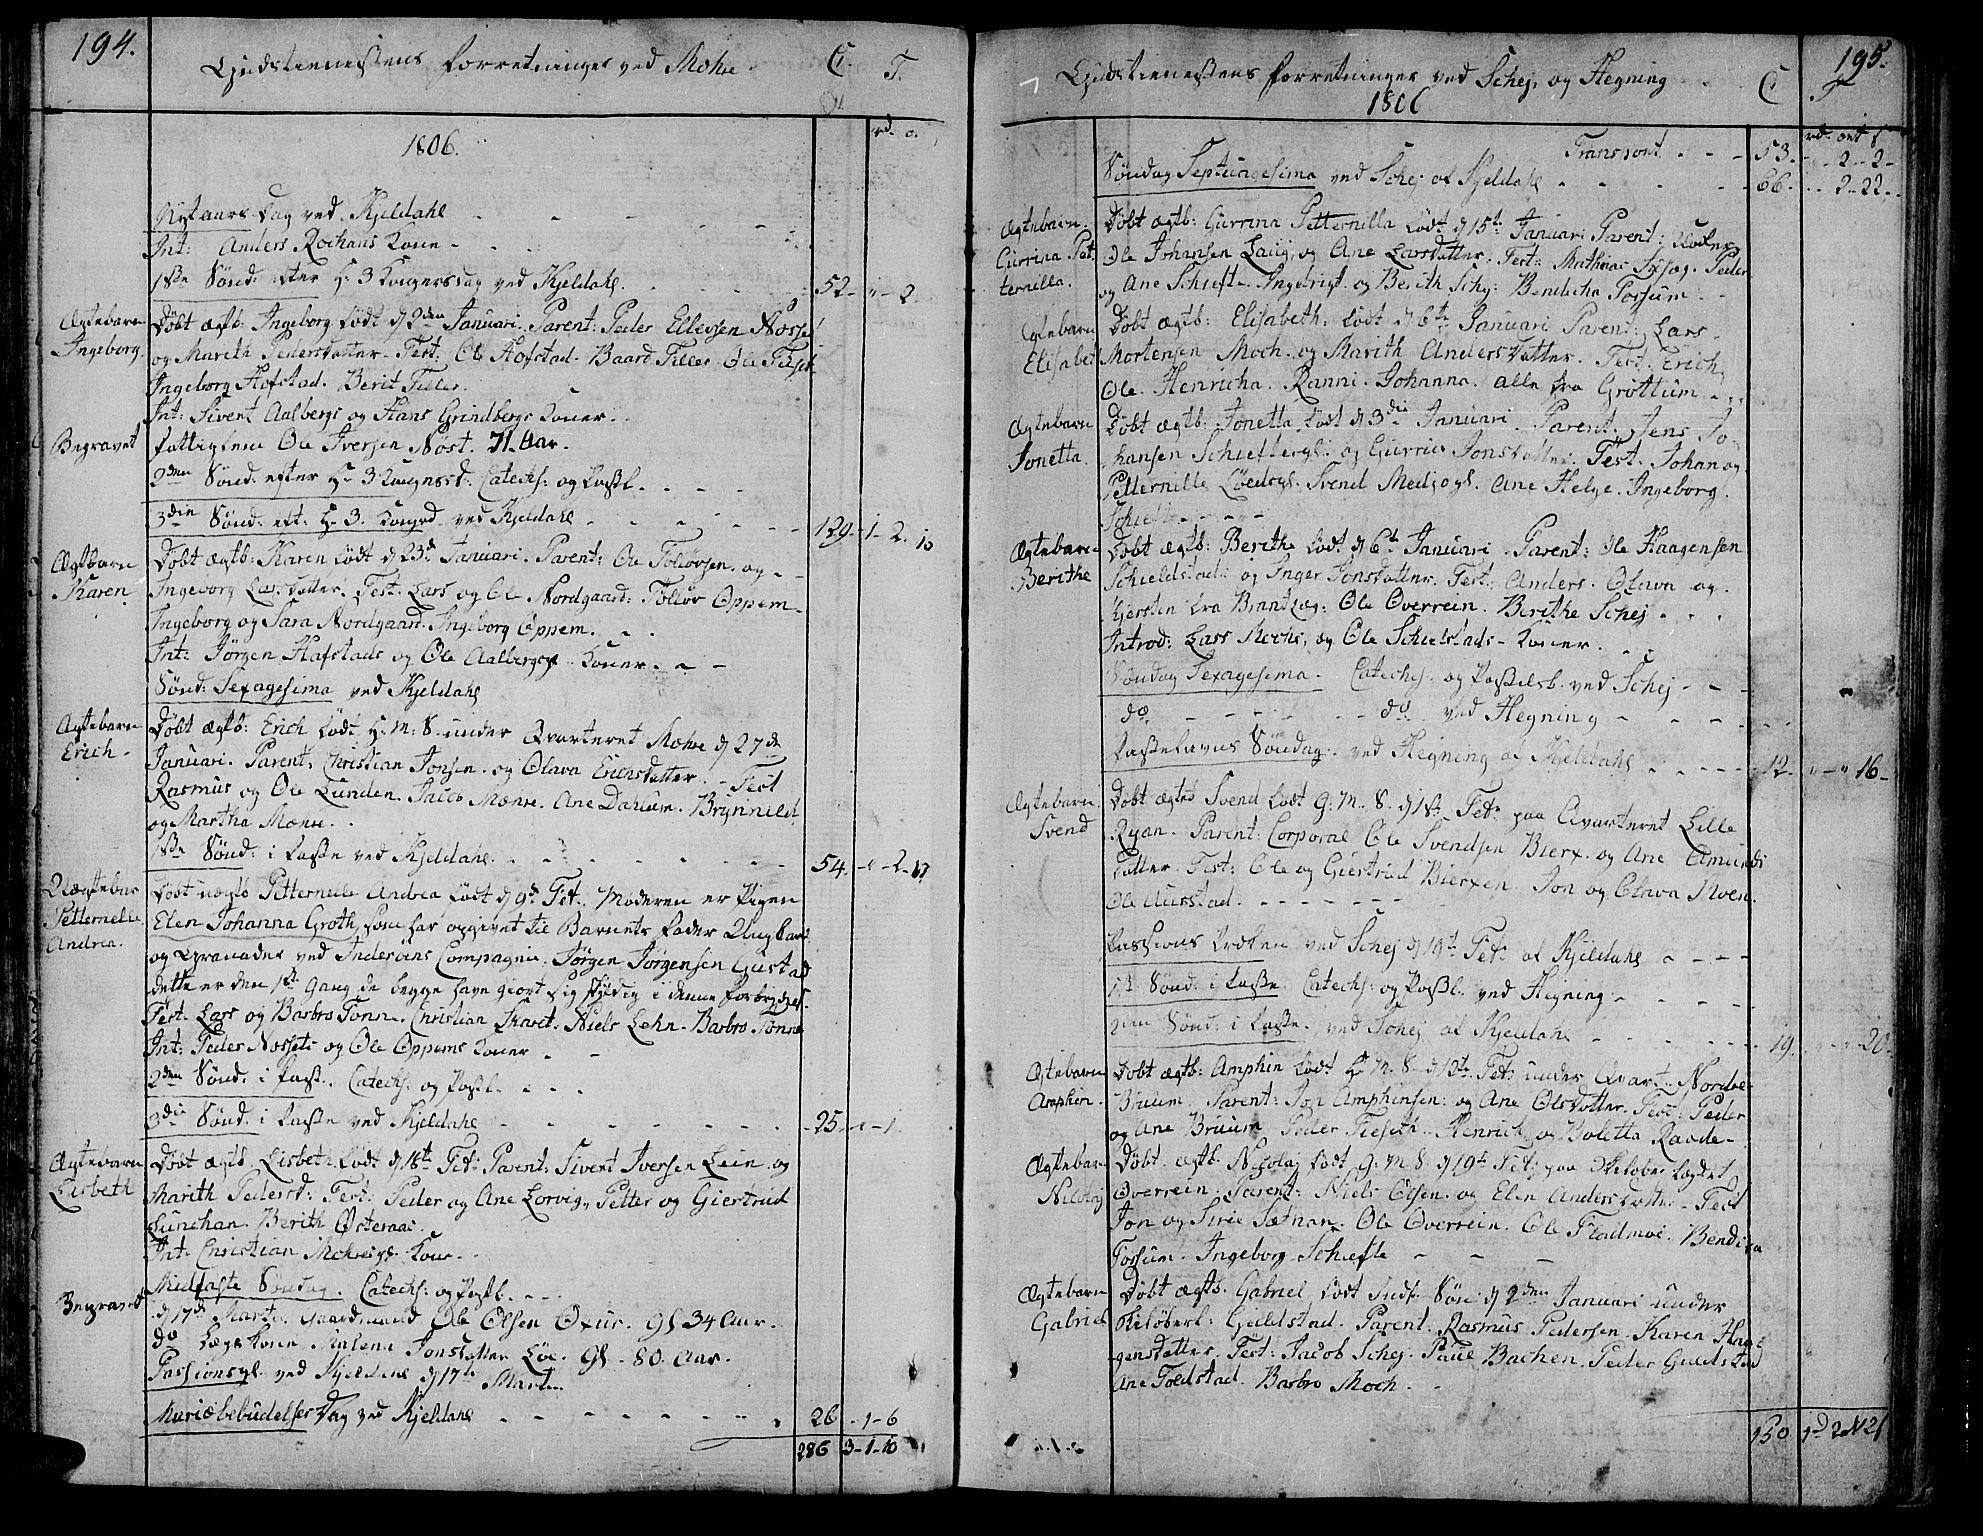 SAT, Ministerialprotokoller, klokkerbøker og fødselsregistre - Nord-Trøndelag, 735/L0332: Ministerialbok nr. 735A03, 1795-1816, s. 194-195